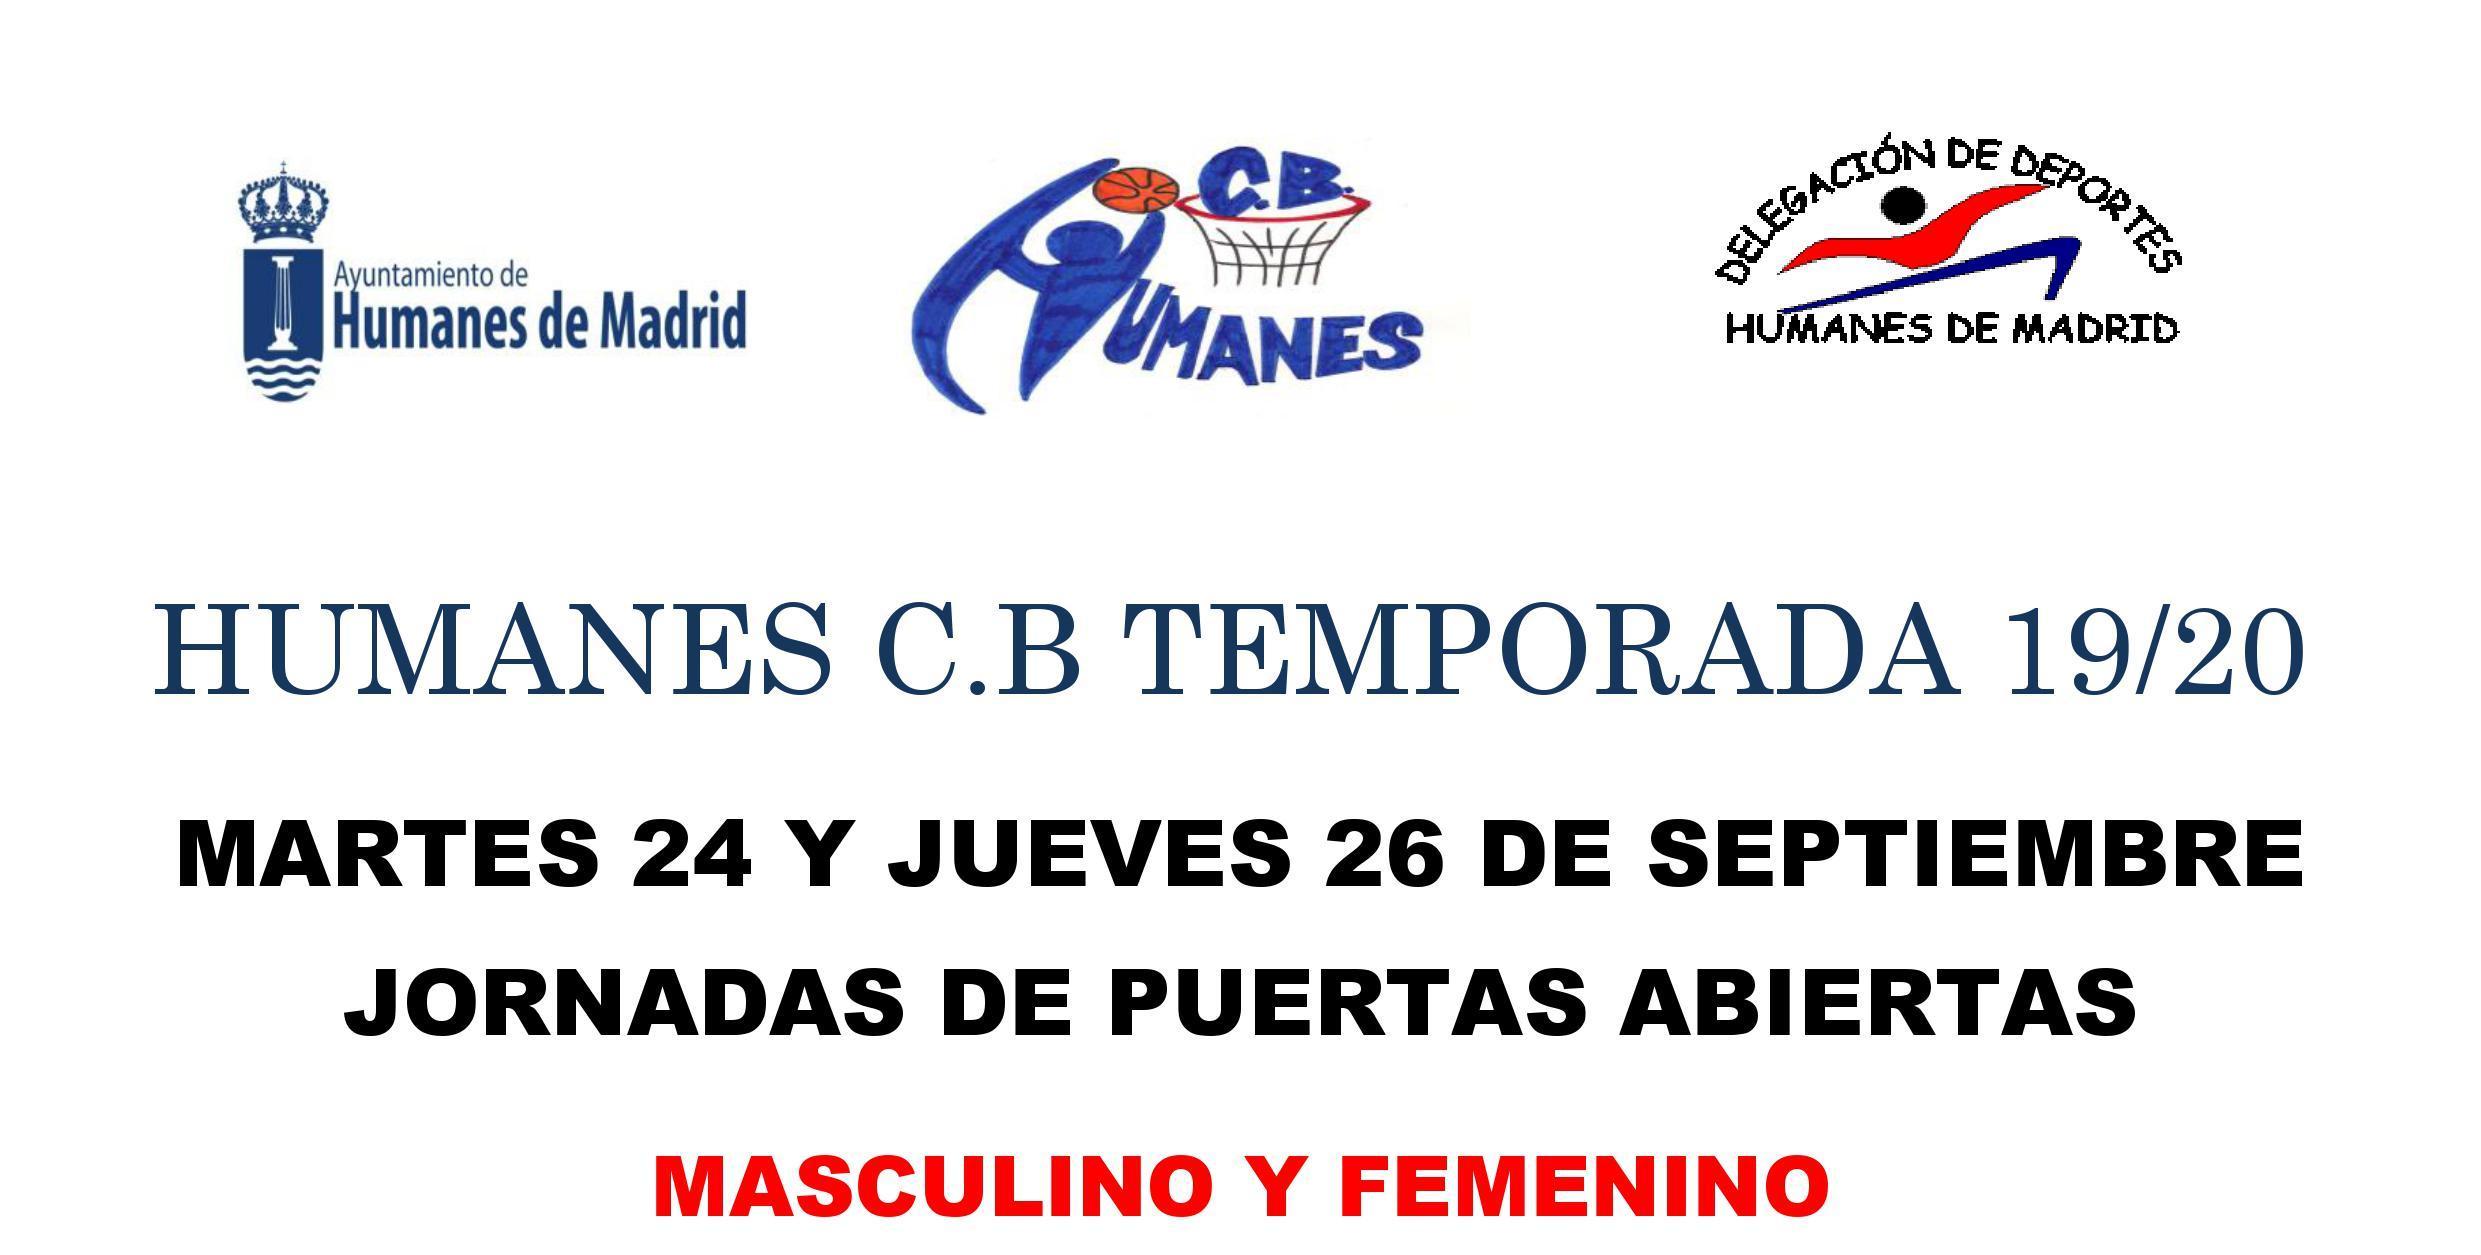 Jornada de puertas abiertas en el Club de baloncesto de Humanes en categoría femenino y masculino.